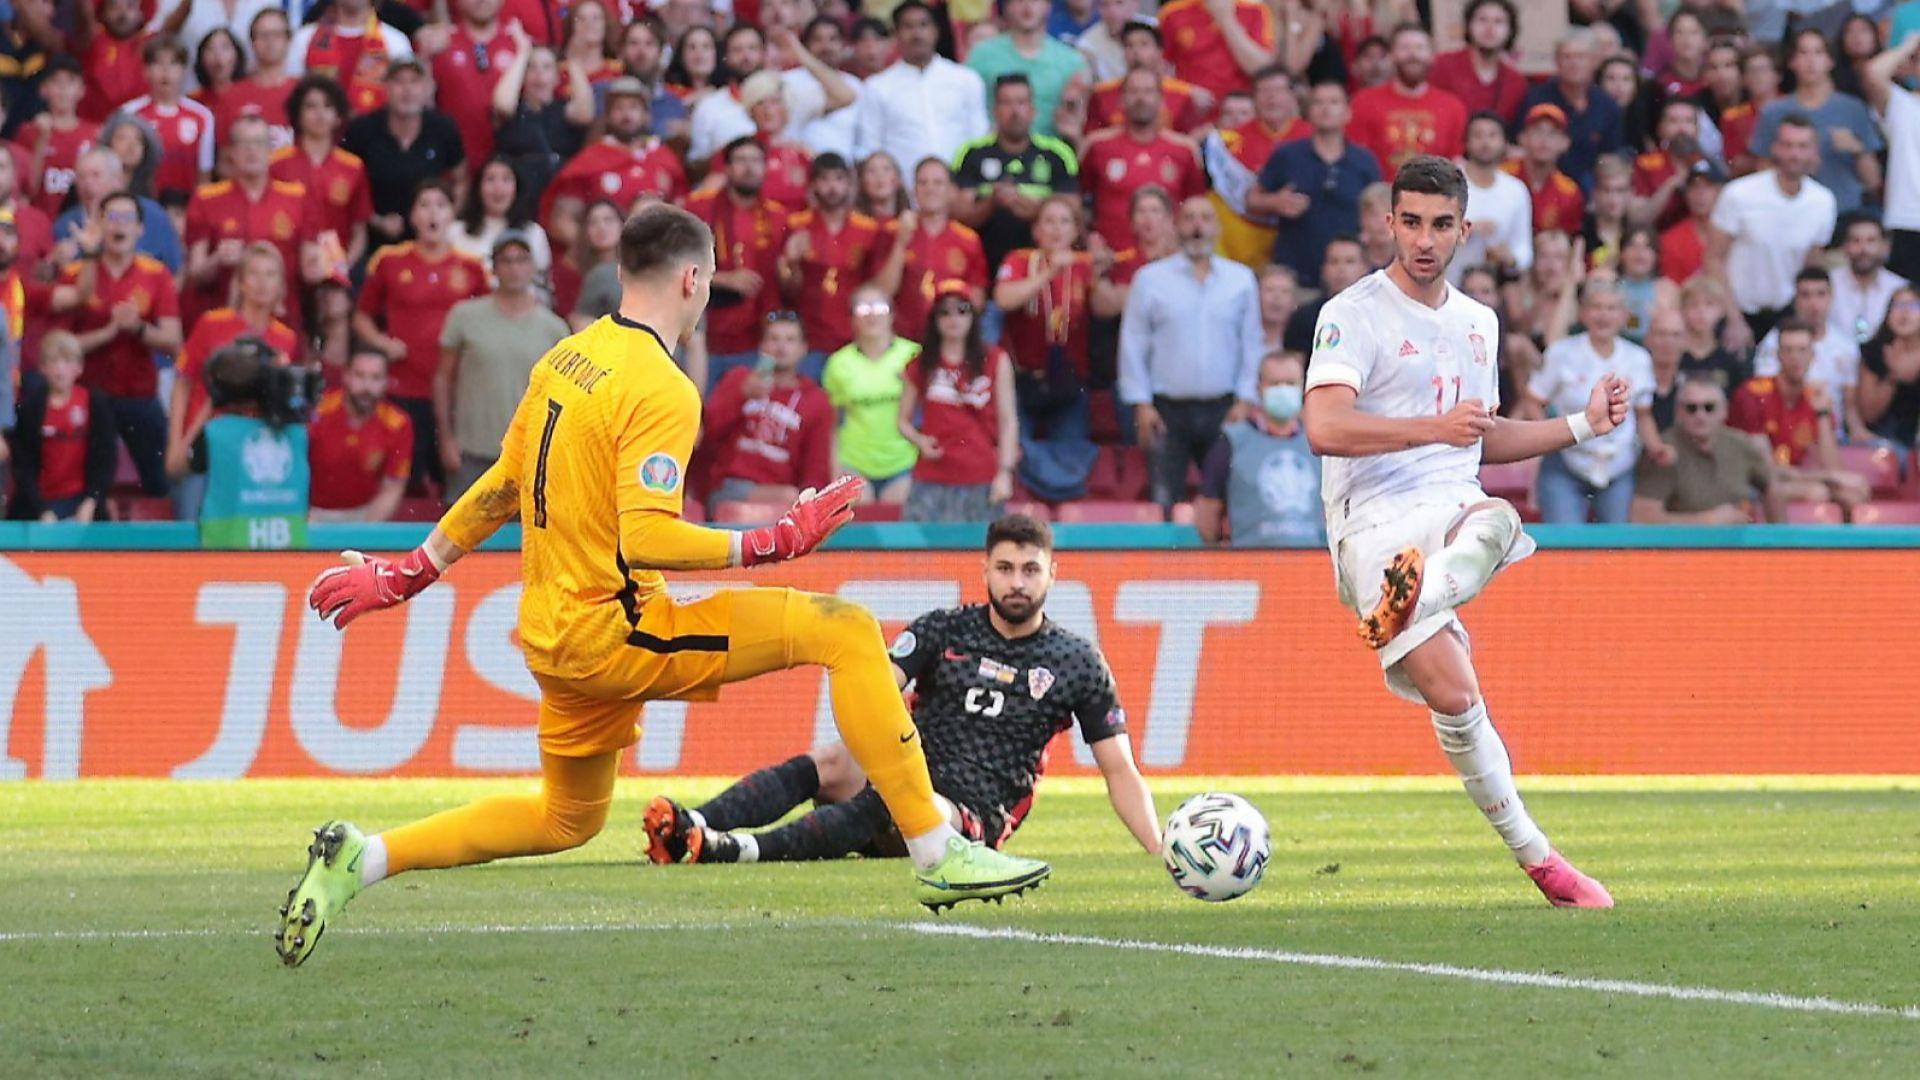 Букмейкърите имат нов фаворит за най-вероятен финал на Евро 2020